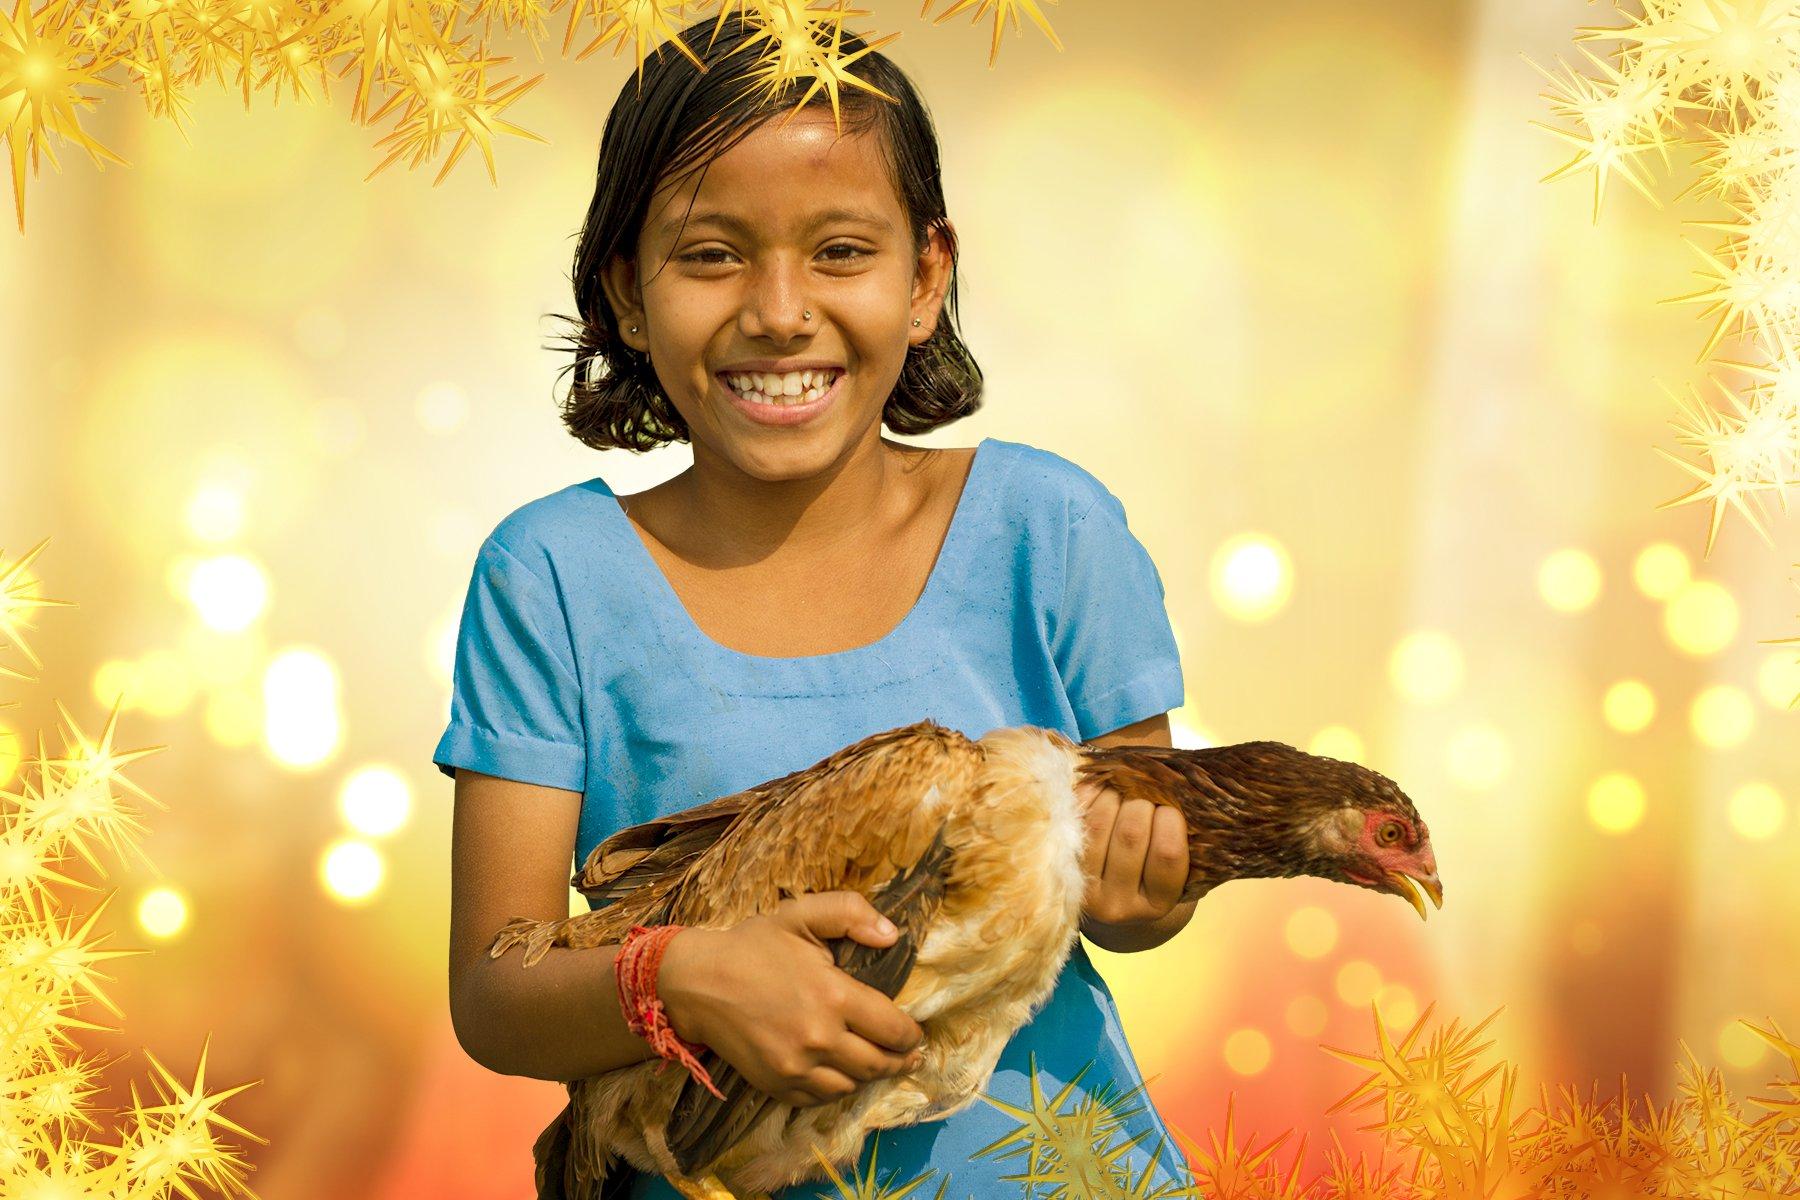 17-15-girl-with-chicken.jpg